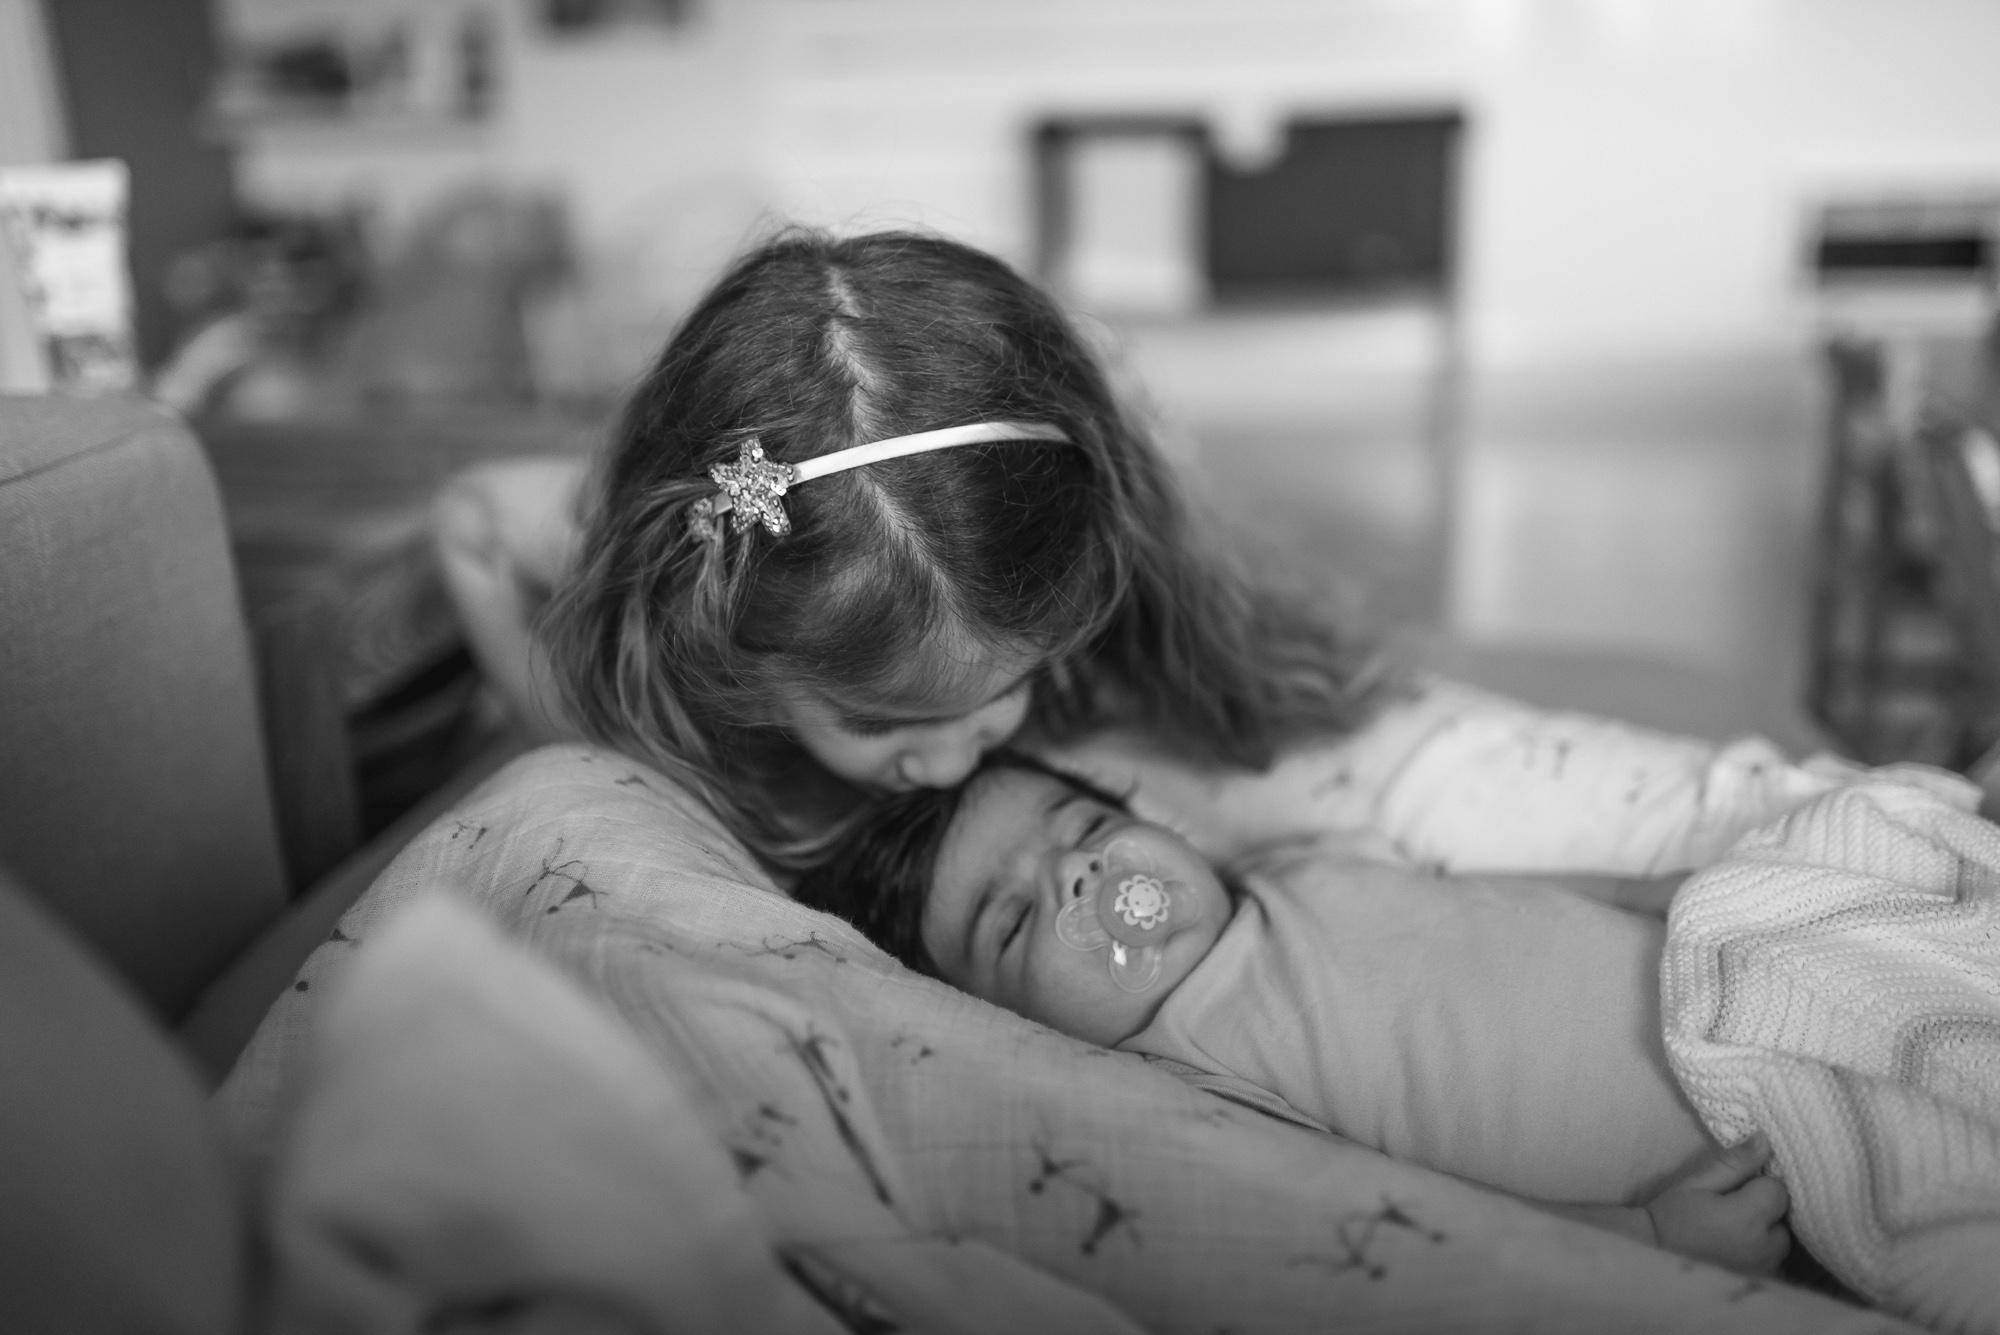 16.sisterkissbaby_Newborns&BabiesPortfolio_CMP.jpg